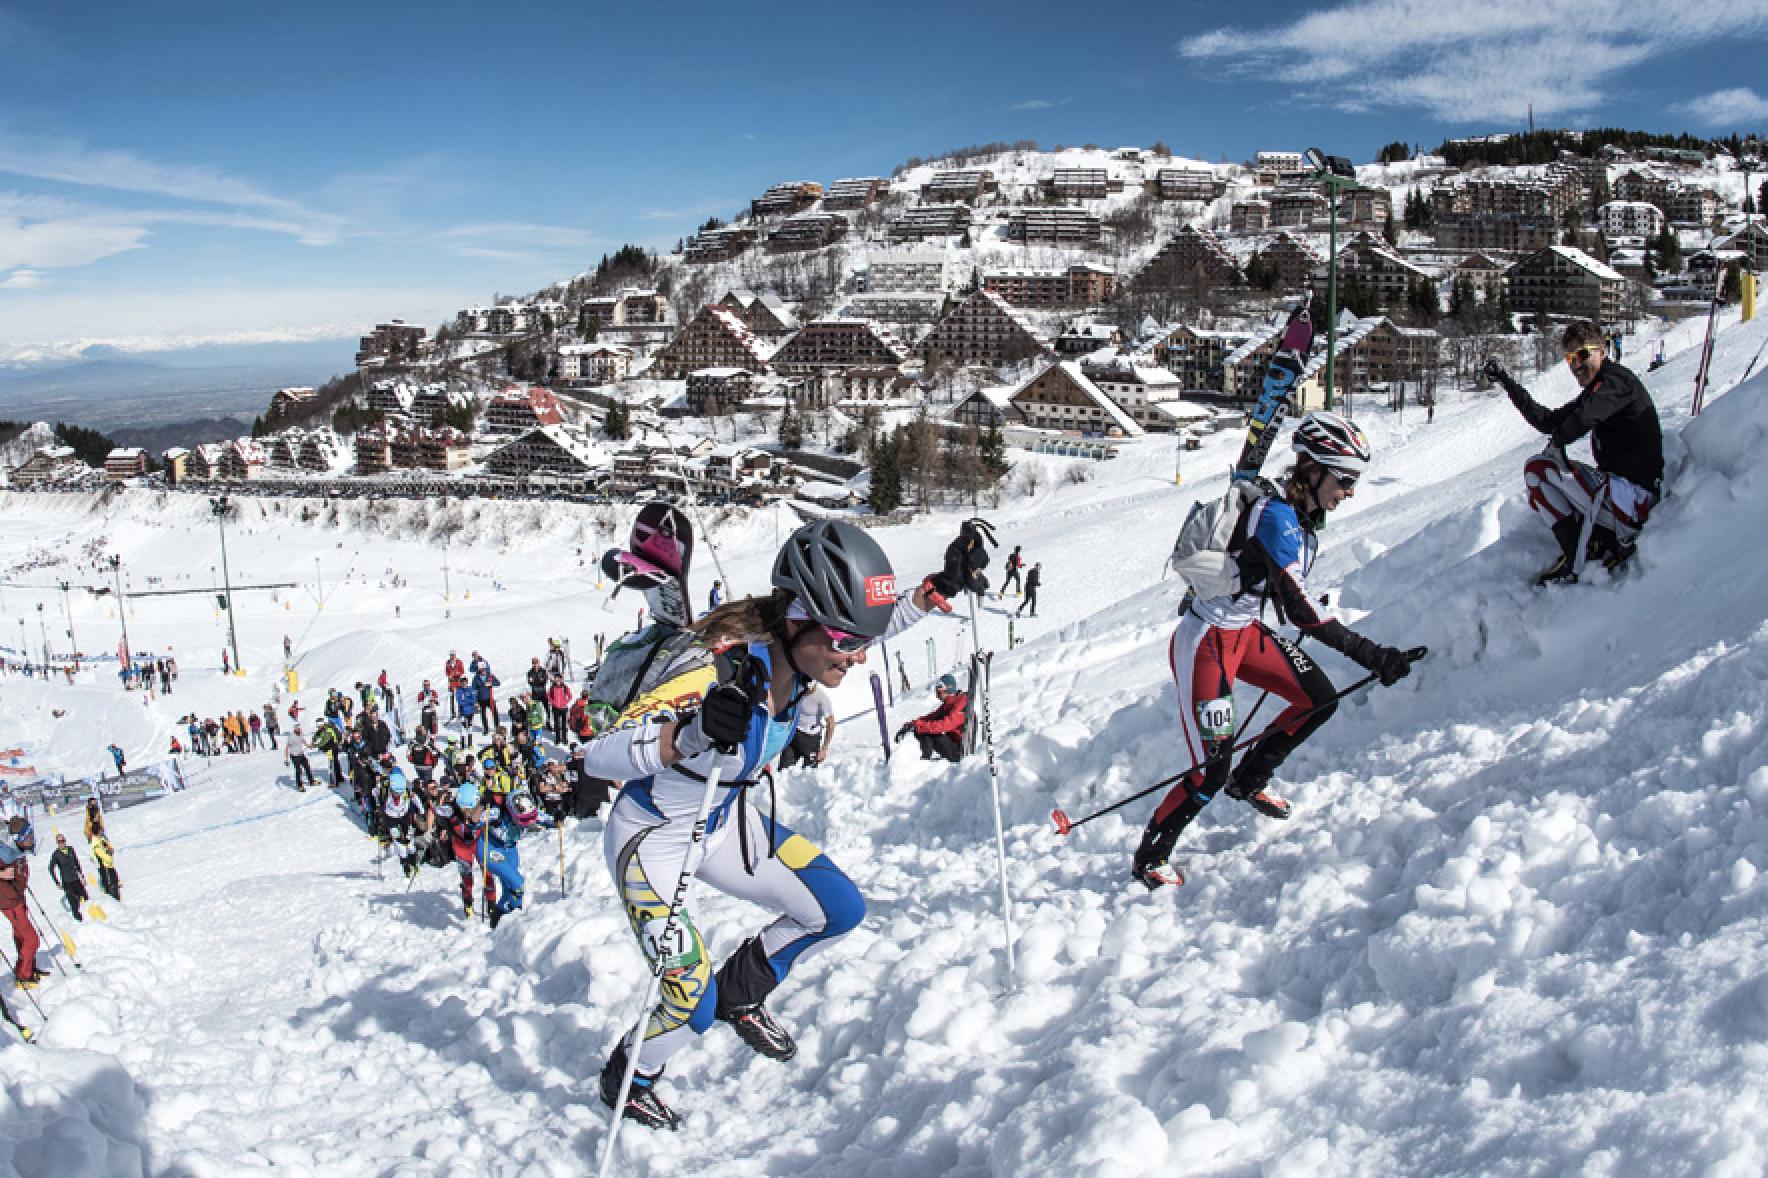 La Guida - La Coppa del mondo di scialpinismo al Mondolè